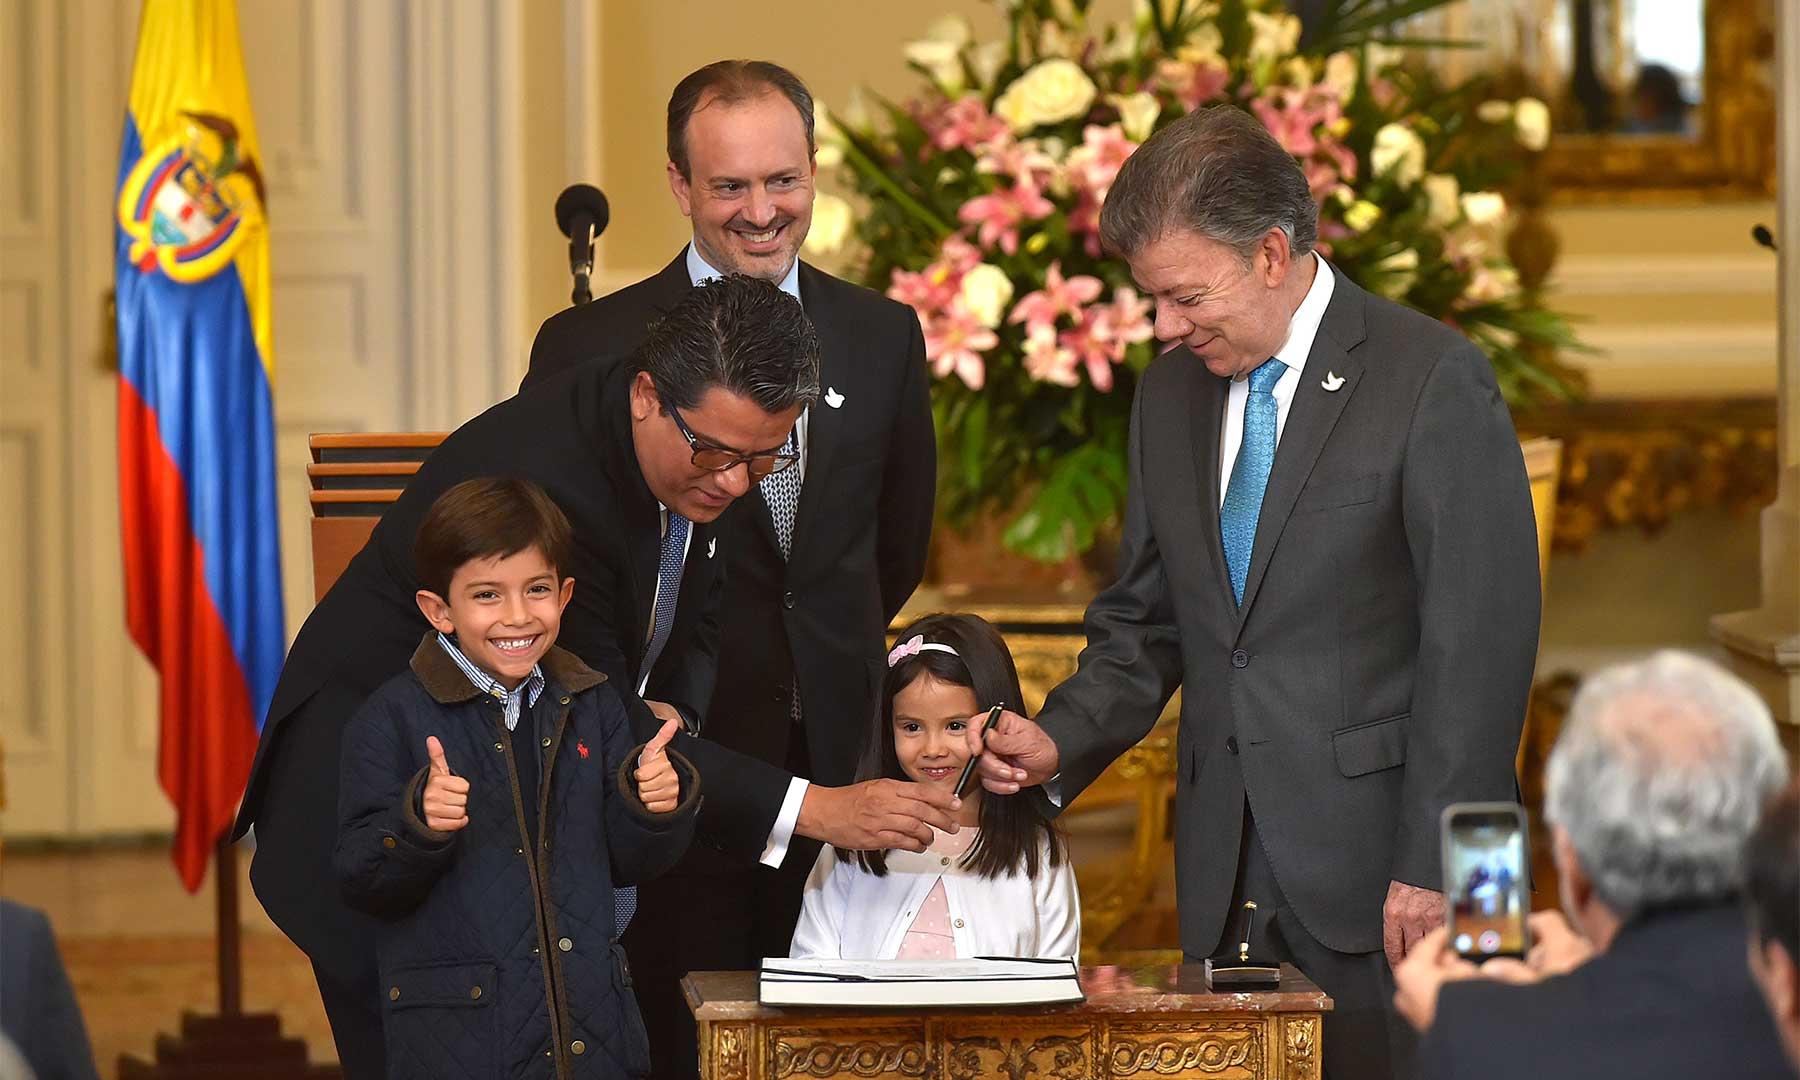 En la toma de posesión de Germán Arce como Ministro de Minas y Energía, efectuada este lunes en la casa presidencial, el nuevo integrante del Gabinete estuvo acompañado por sus pequeños hijos Simón y Sofía.